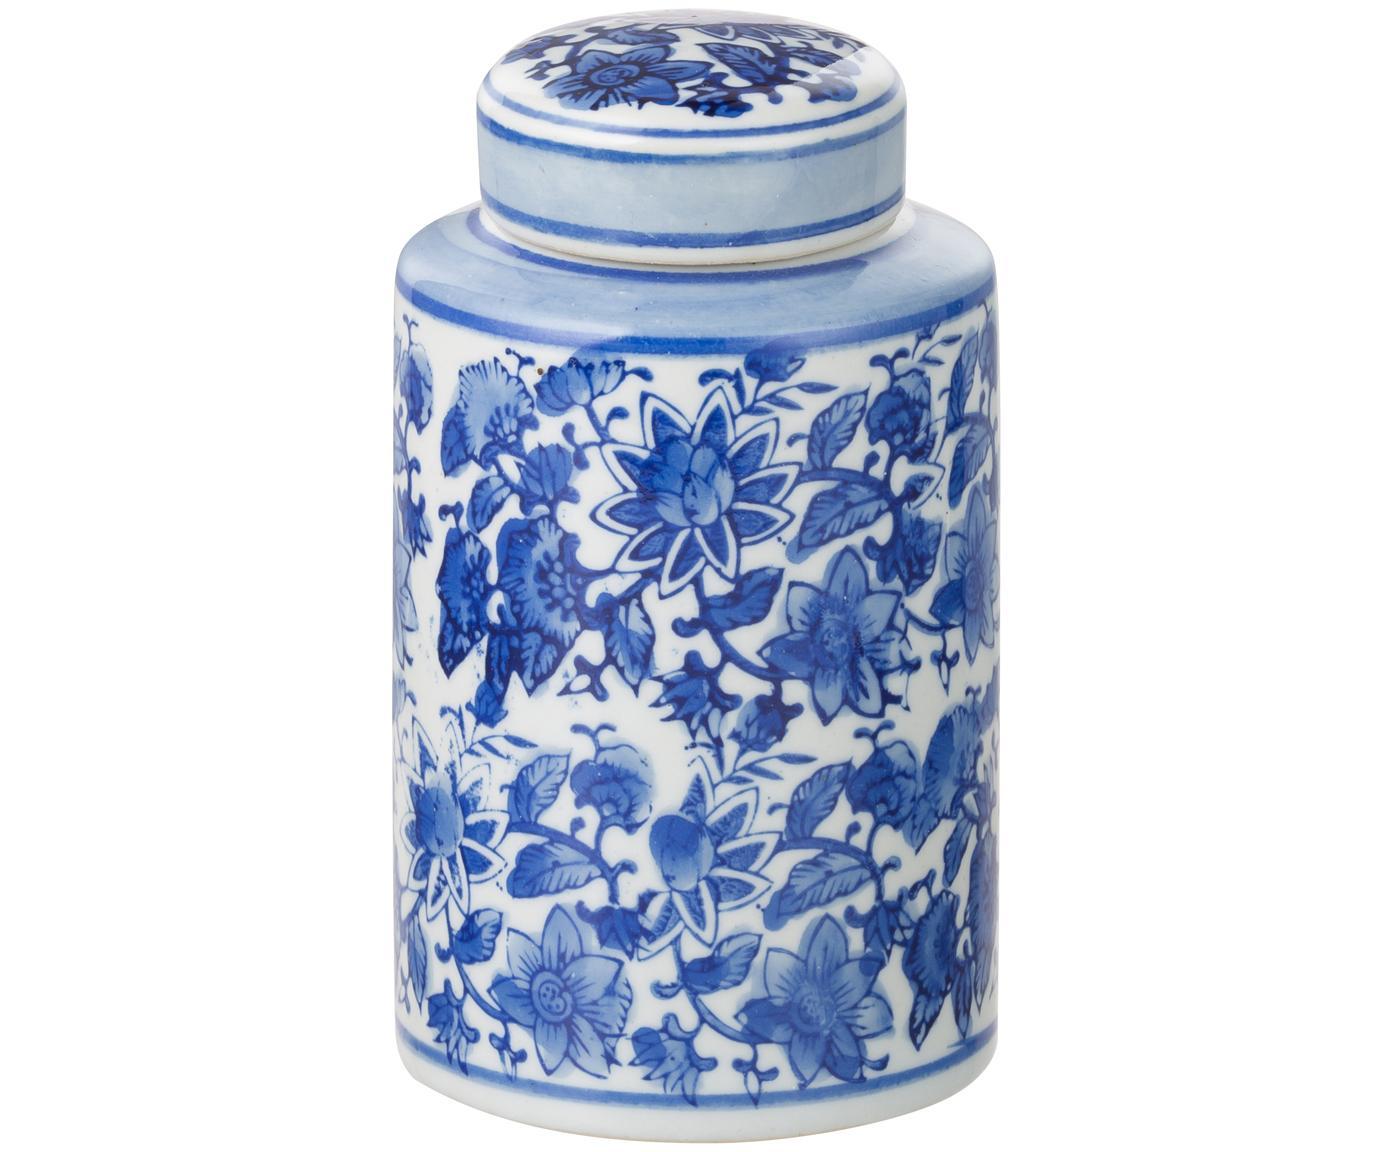 Kleine Deckelvase Annabelle aus Porzellan, Porzellan, Blau,Weiss, Ø 8 x H 14 cm